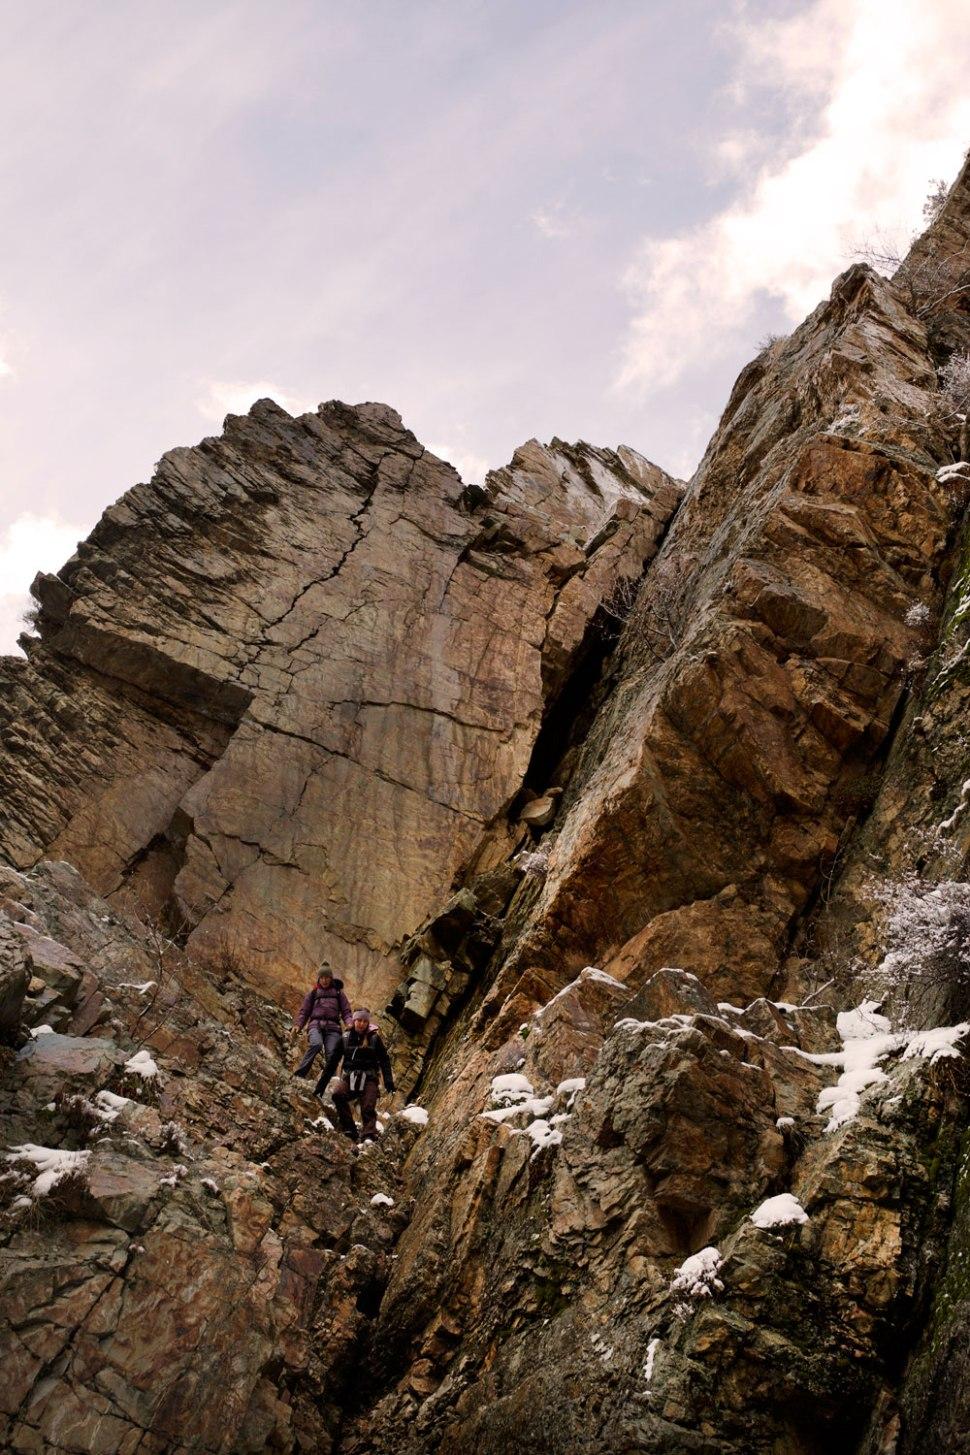 mountainclimbers15